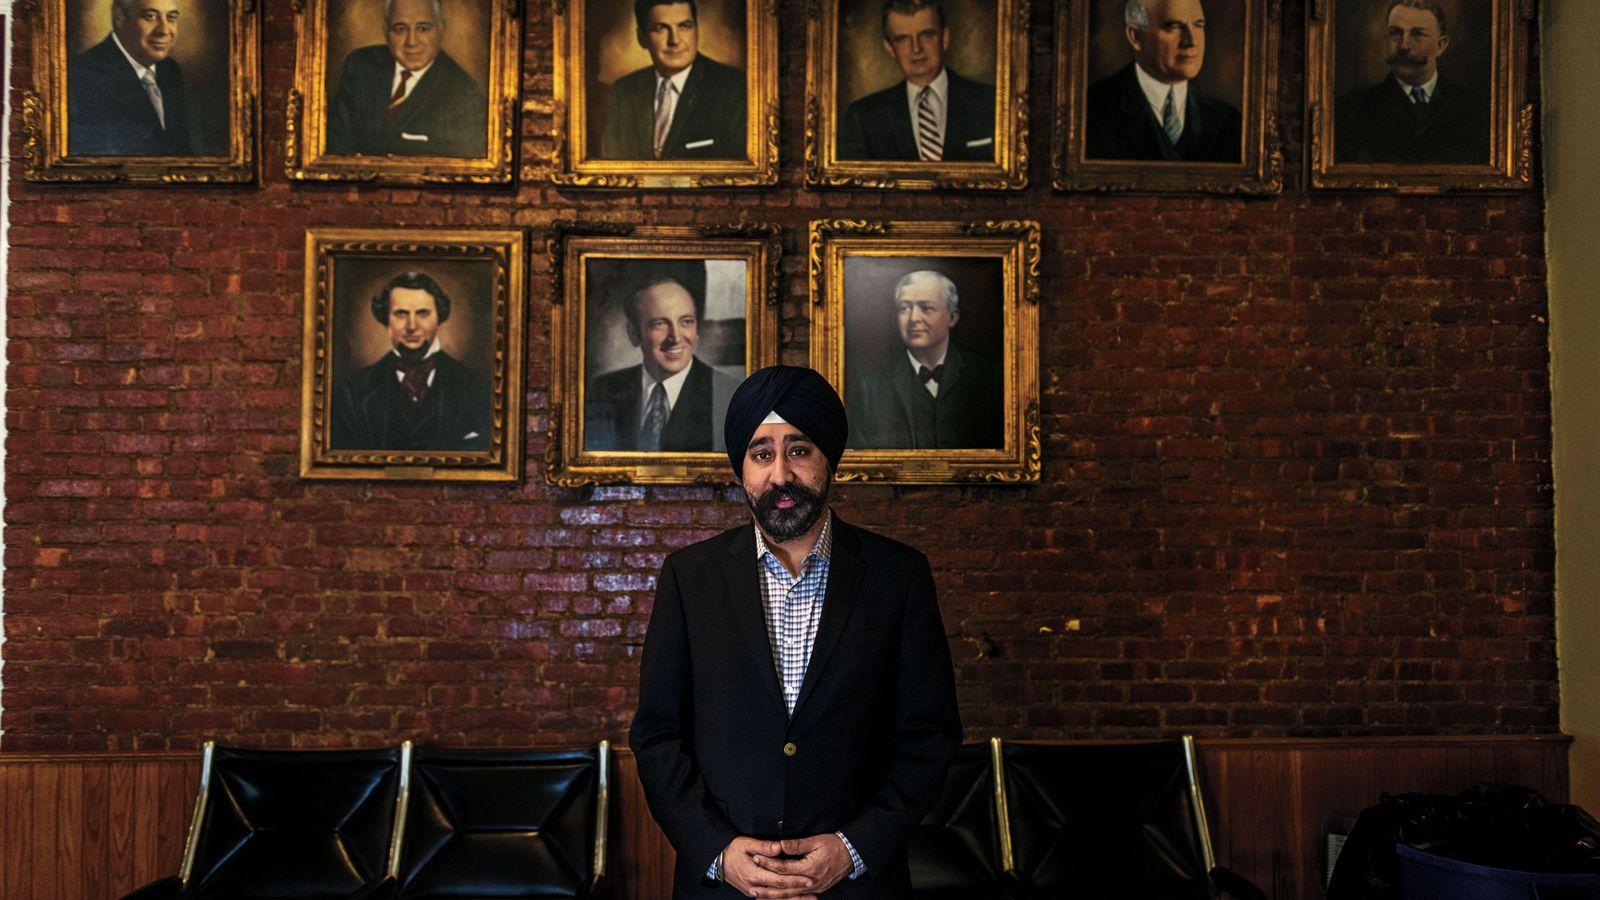 Ravi S. Bhalla, élu maire de Hoboken (New Jersey) en novembre 2017, se fait photographier devant ...